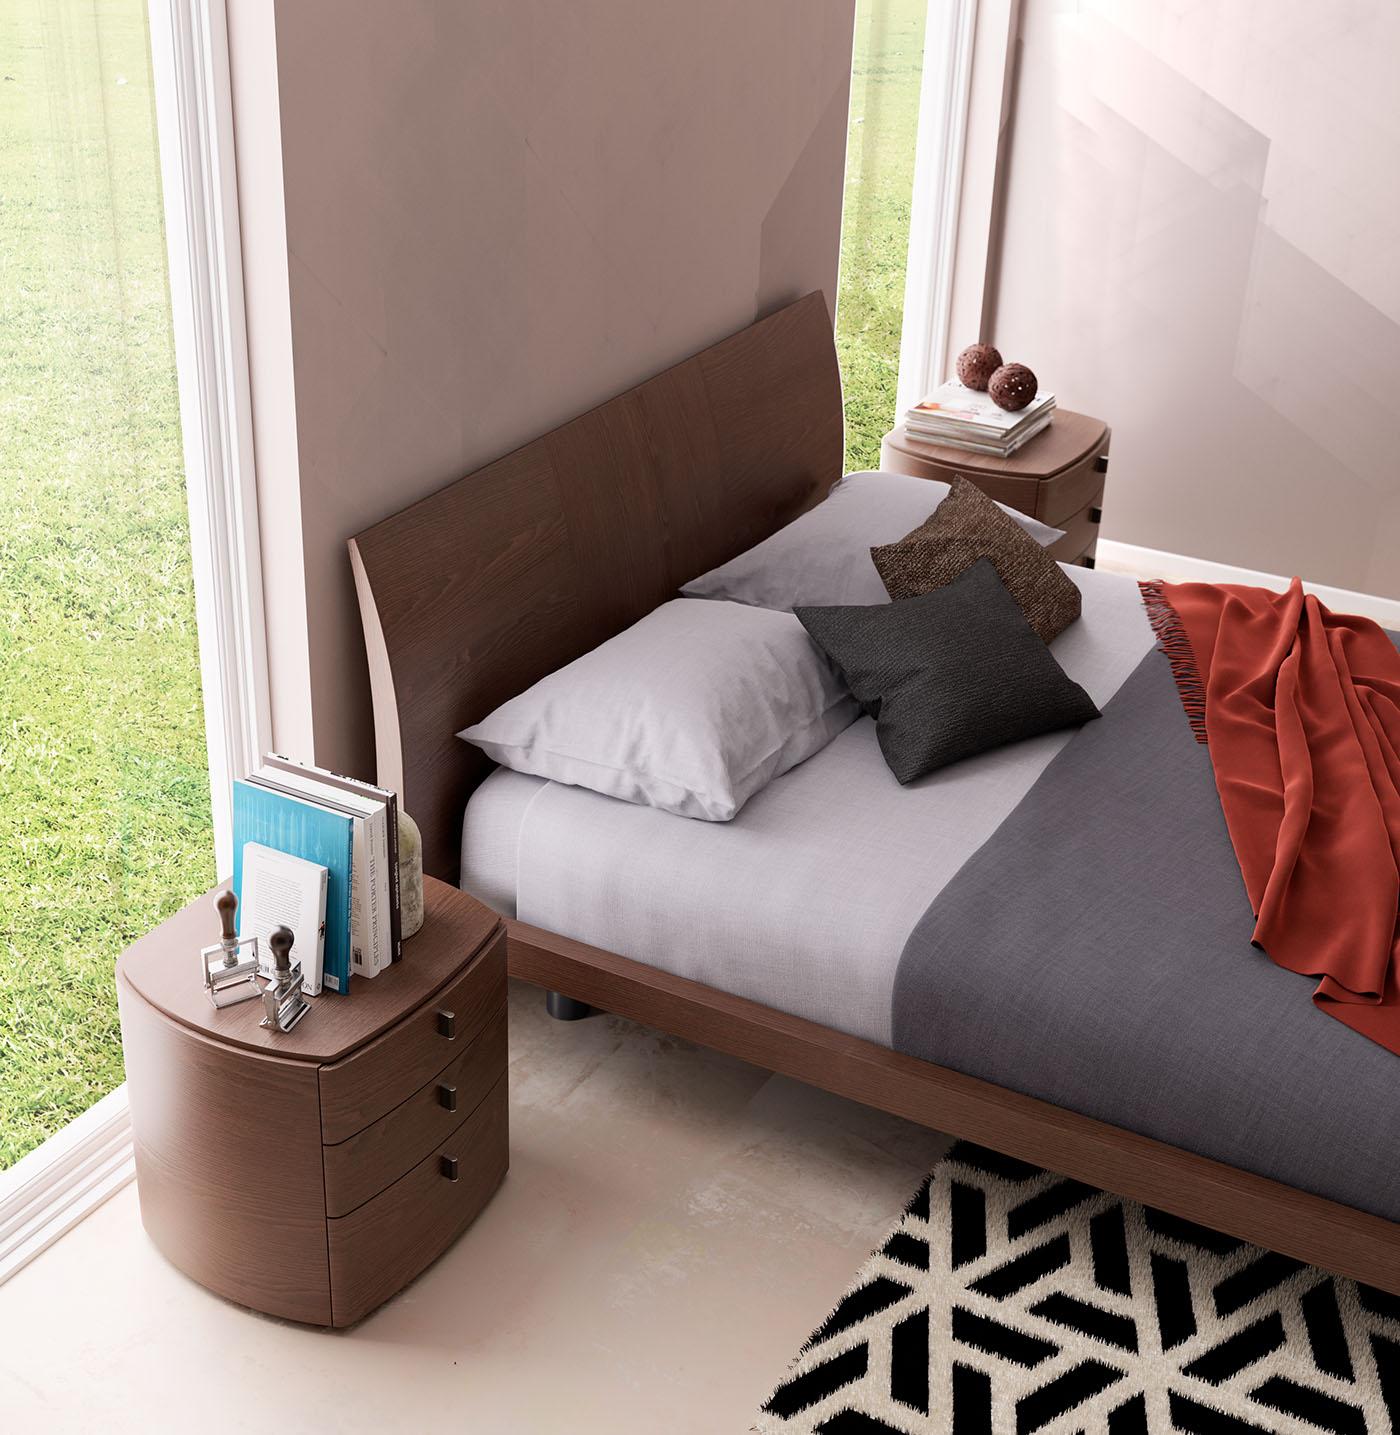 Bedroom Rendering 2016 On Behance